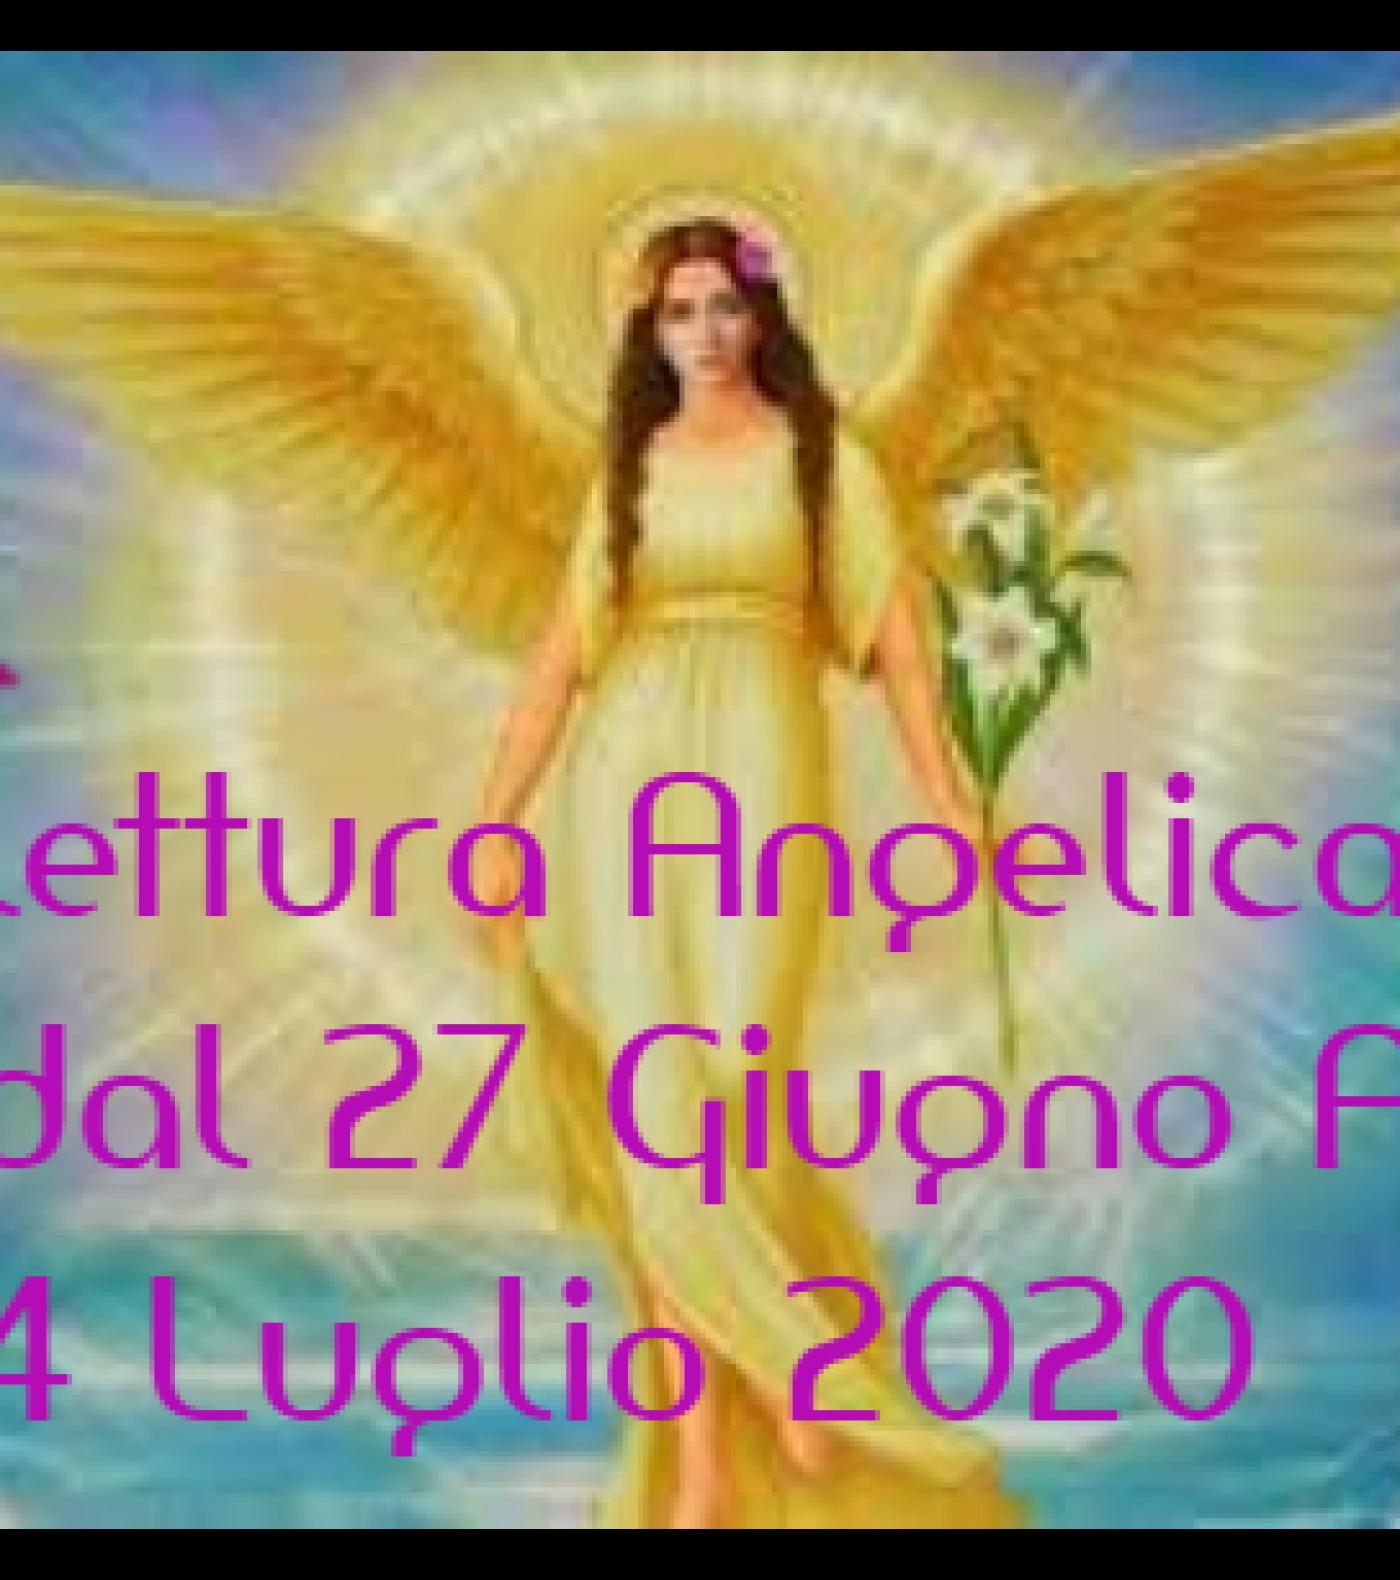 ROSSELLA PANI: LETTURA ANGELICA CON LE CARTE E COME CONNESSIONE DIRETTA CON L'ARCANGELO MICHELE DAl 27 GIUGNO AL 4 LUGLIO 2020.